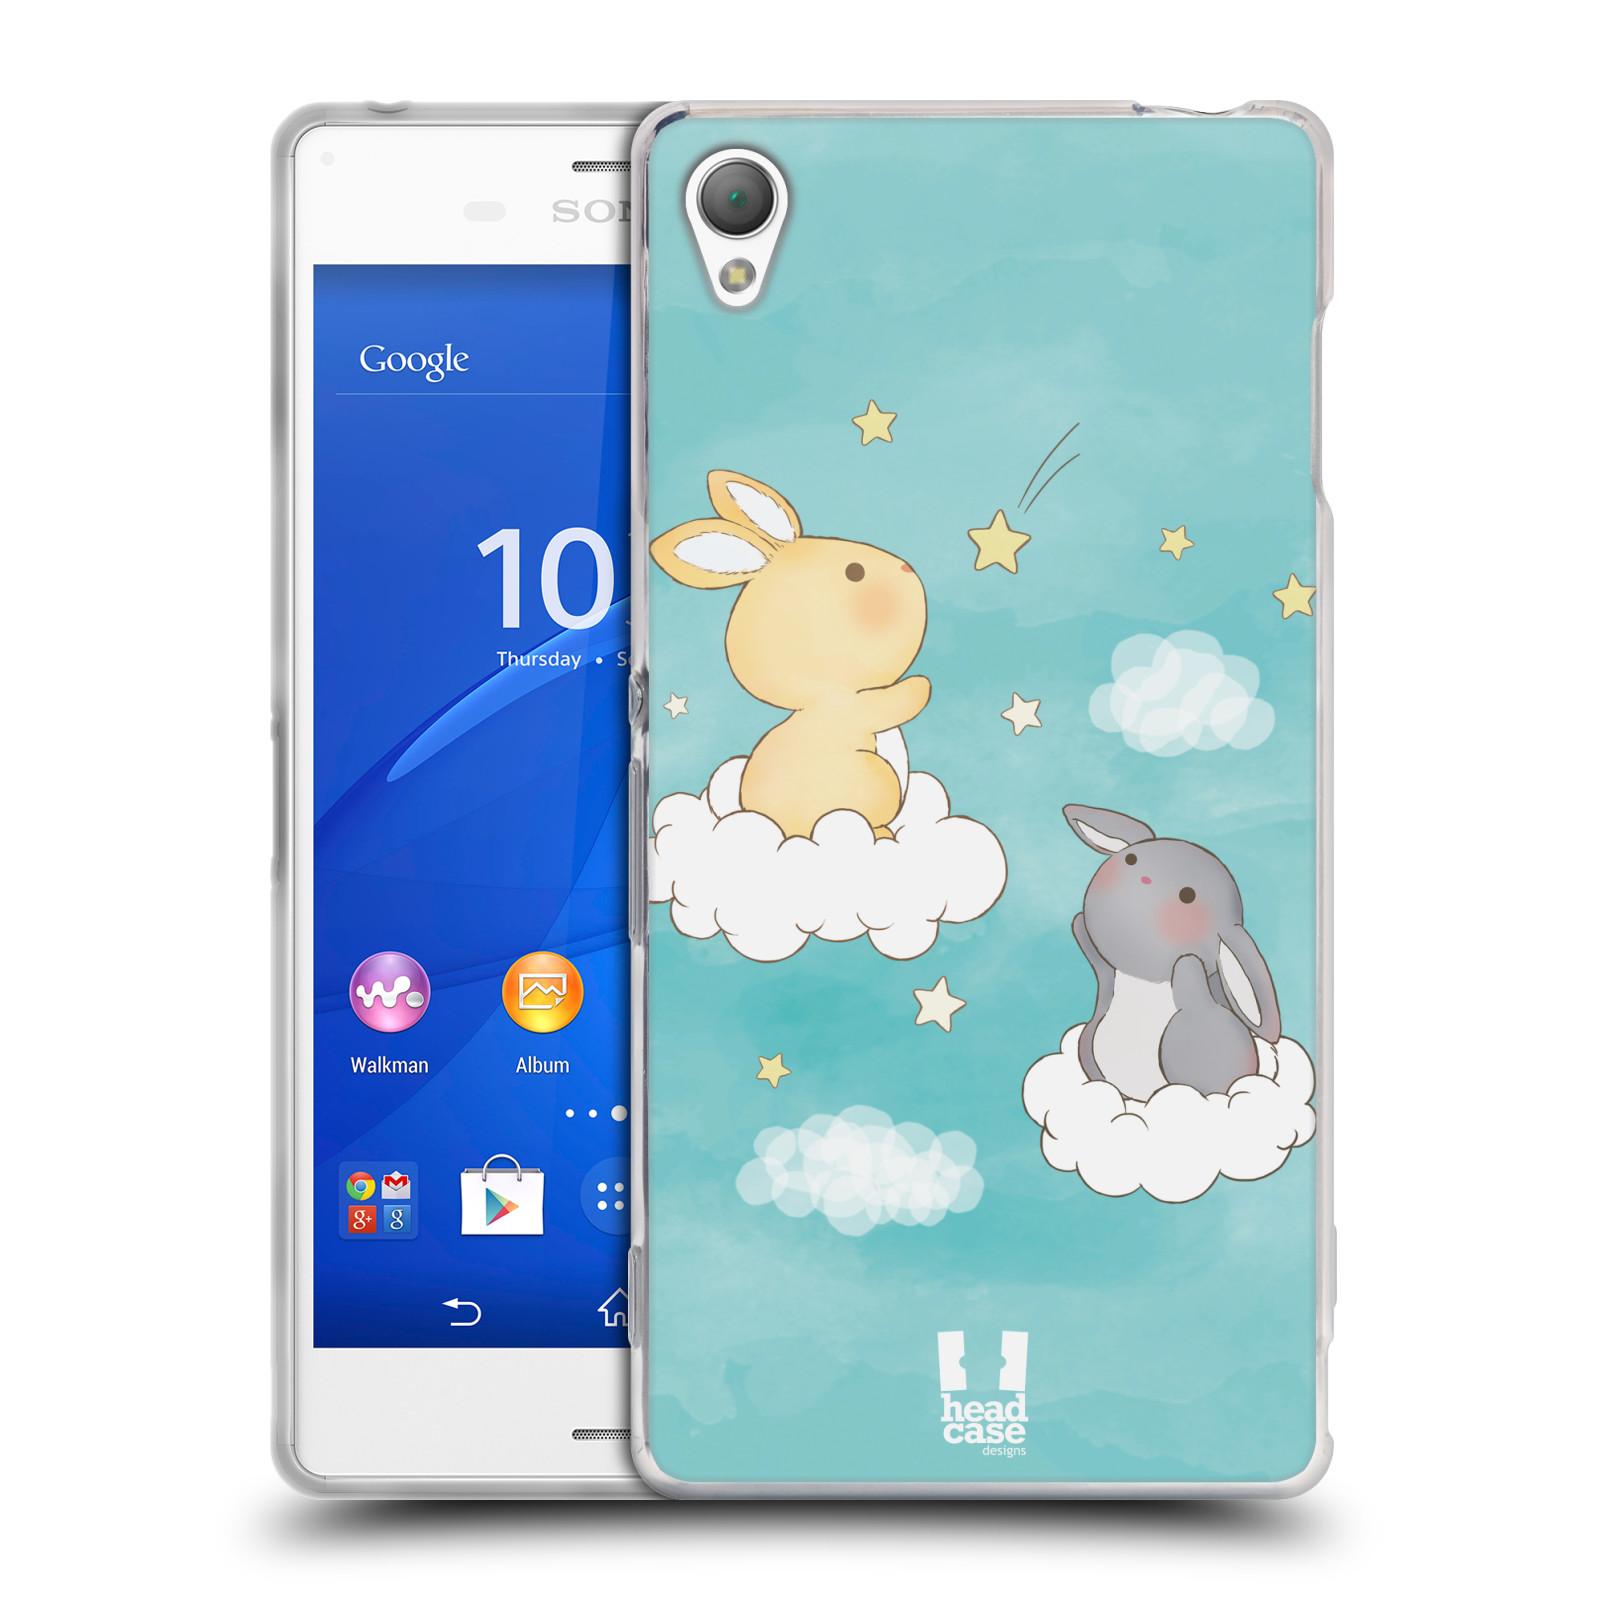 HEAD CASE silikonový obal na mobil Sony Xperia Z3 vzor králíček a hvězdy modrá